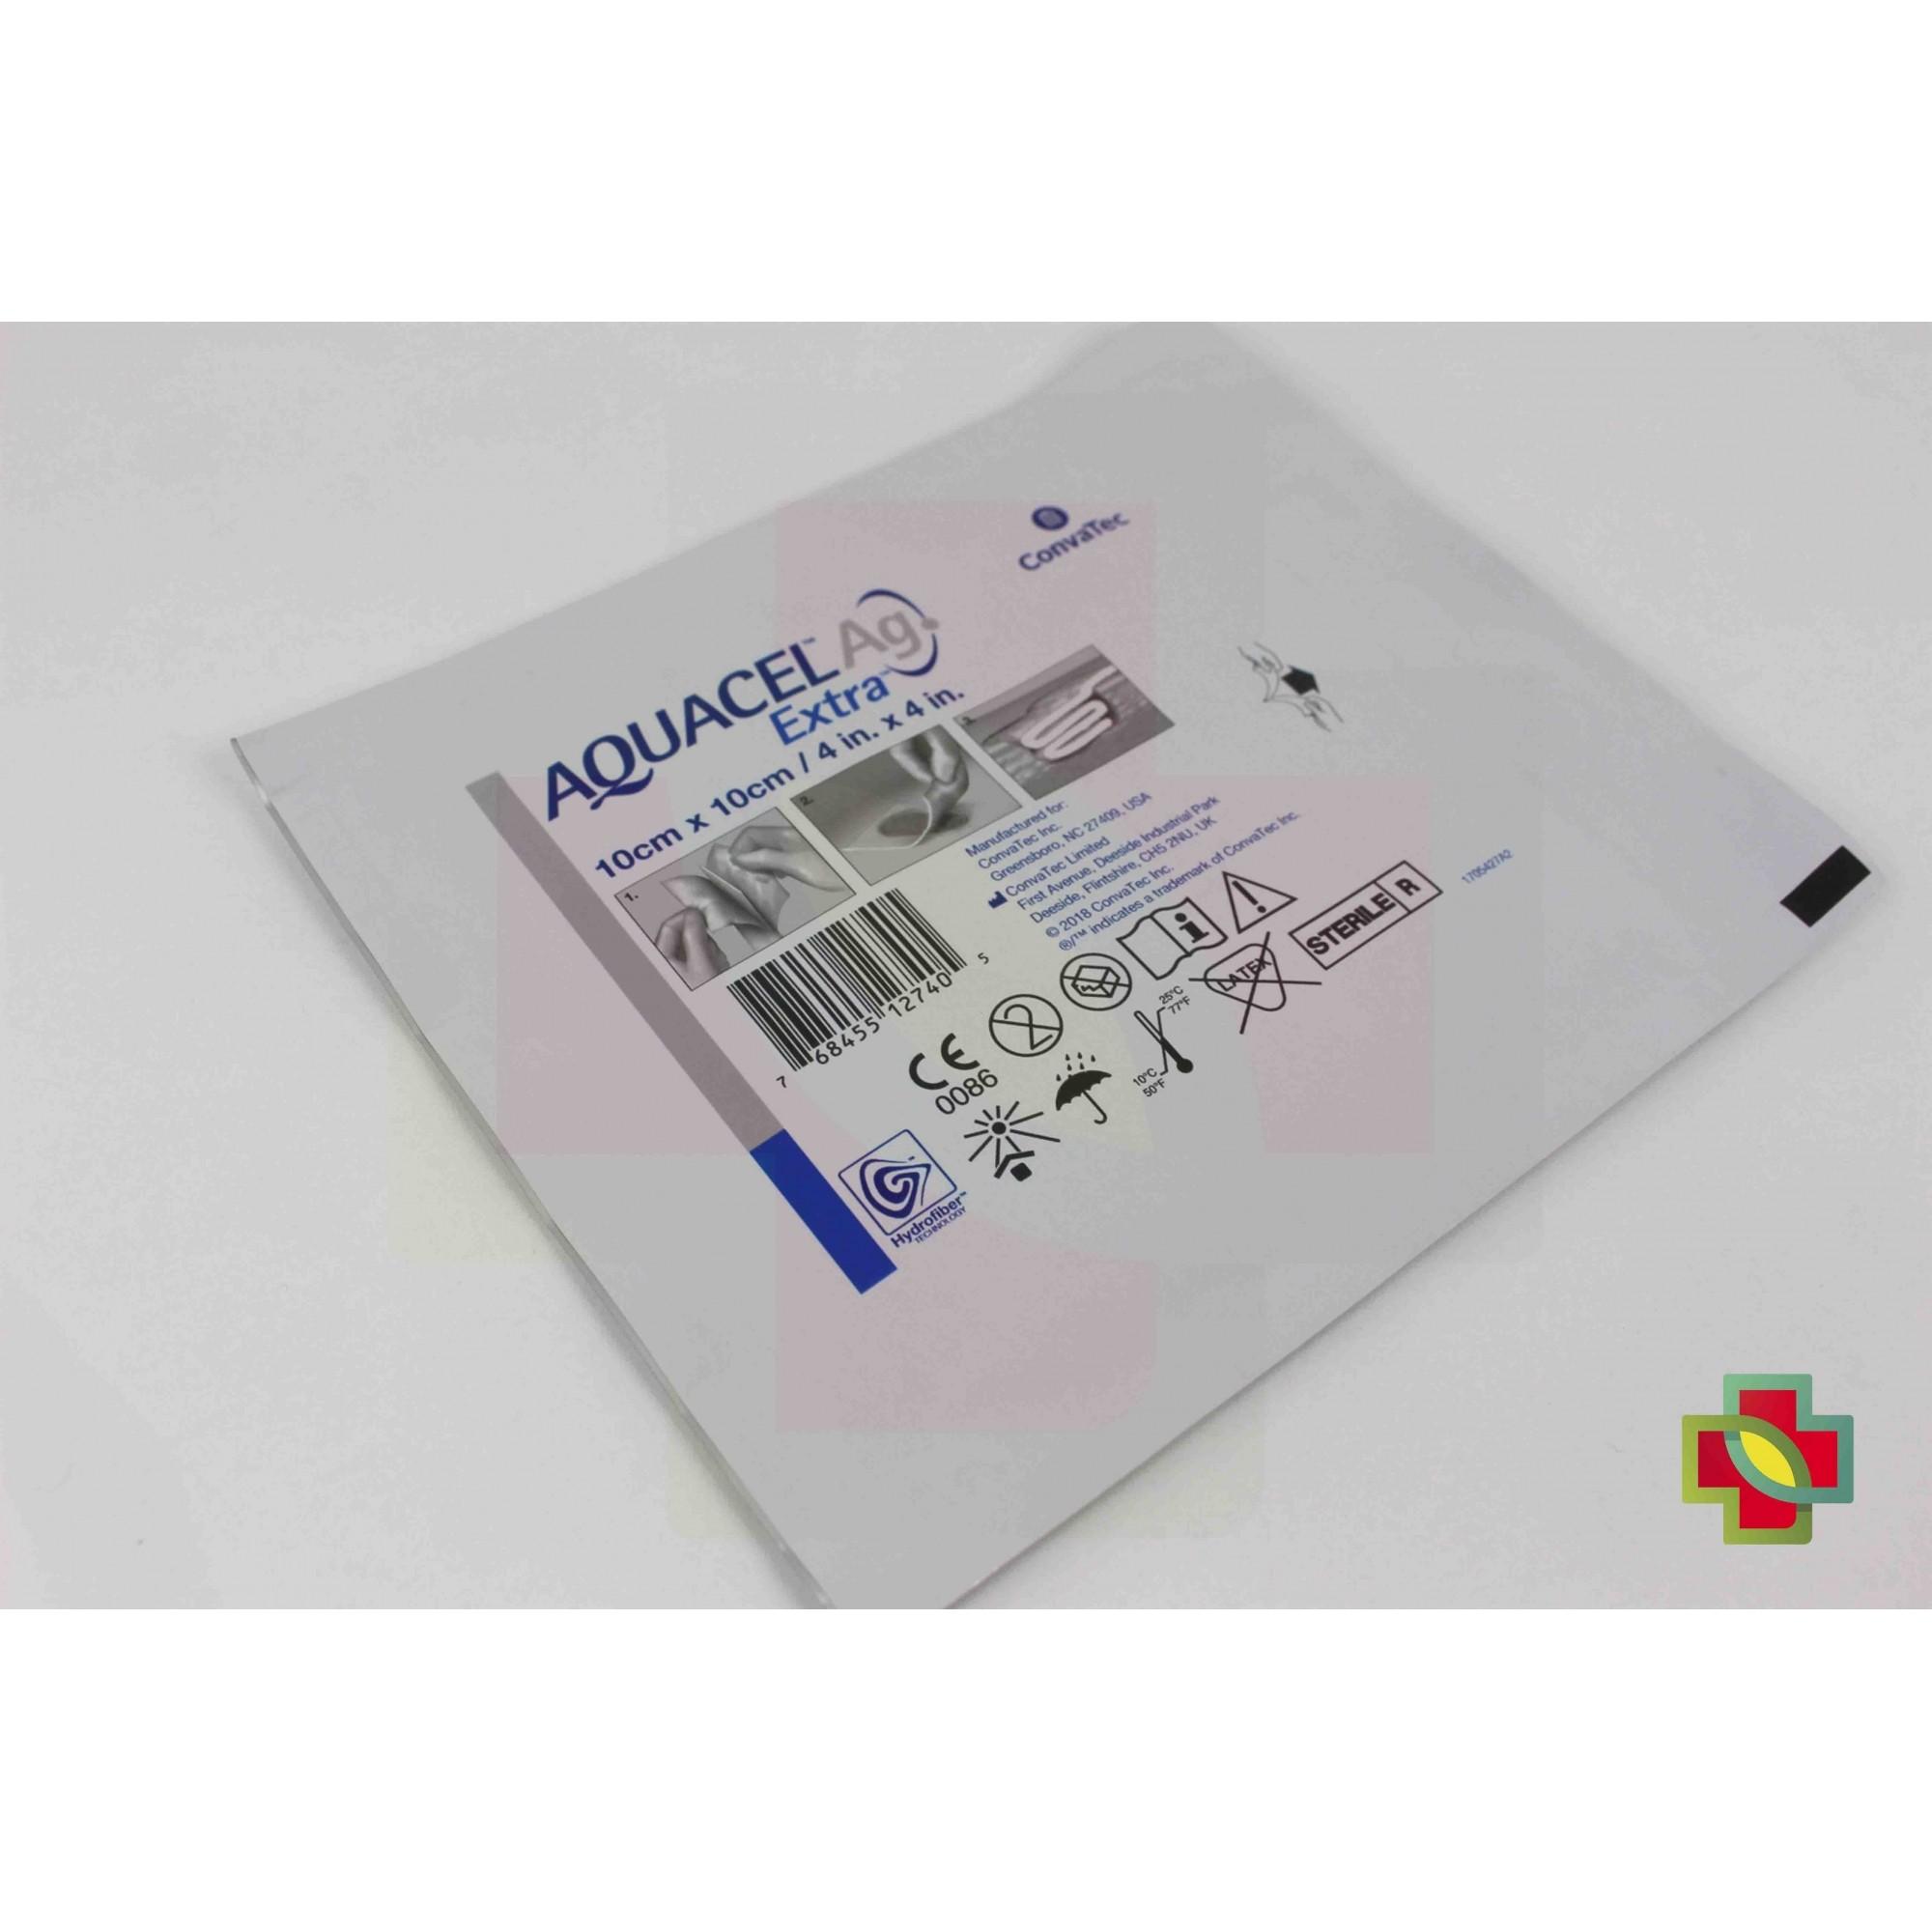 CURATIVO AQUACEL AG EXTRA 10 X 10 (CX COM 10 UNDS.) - CONVATEC